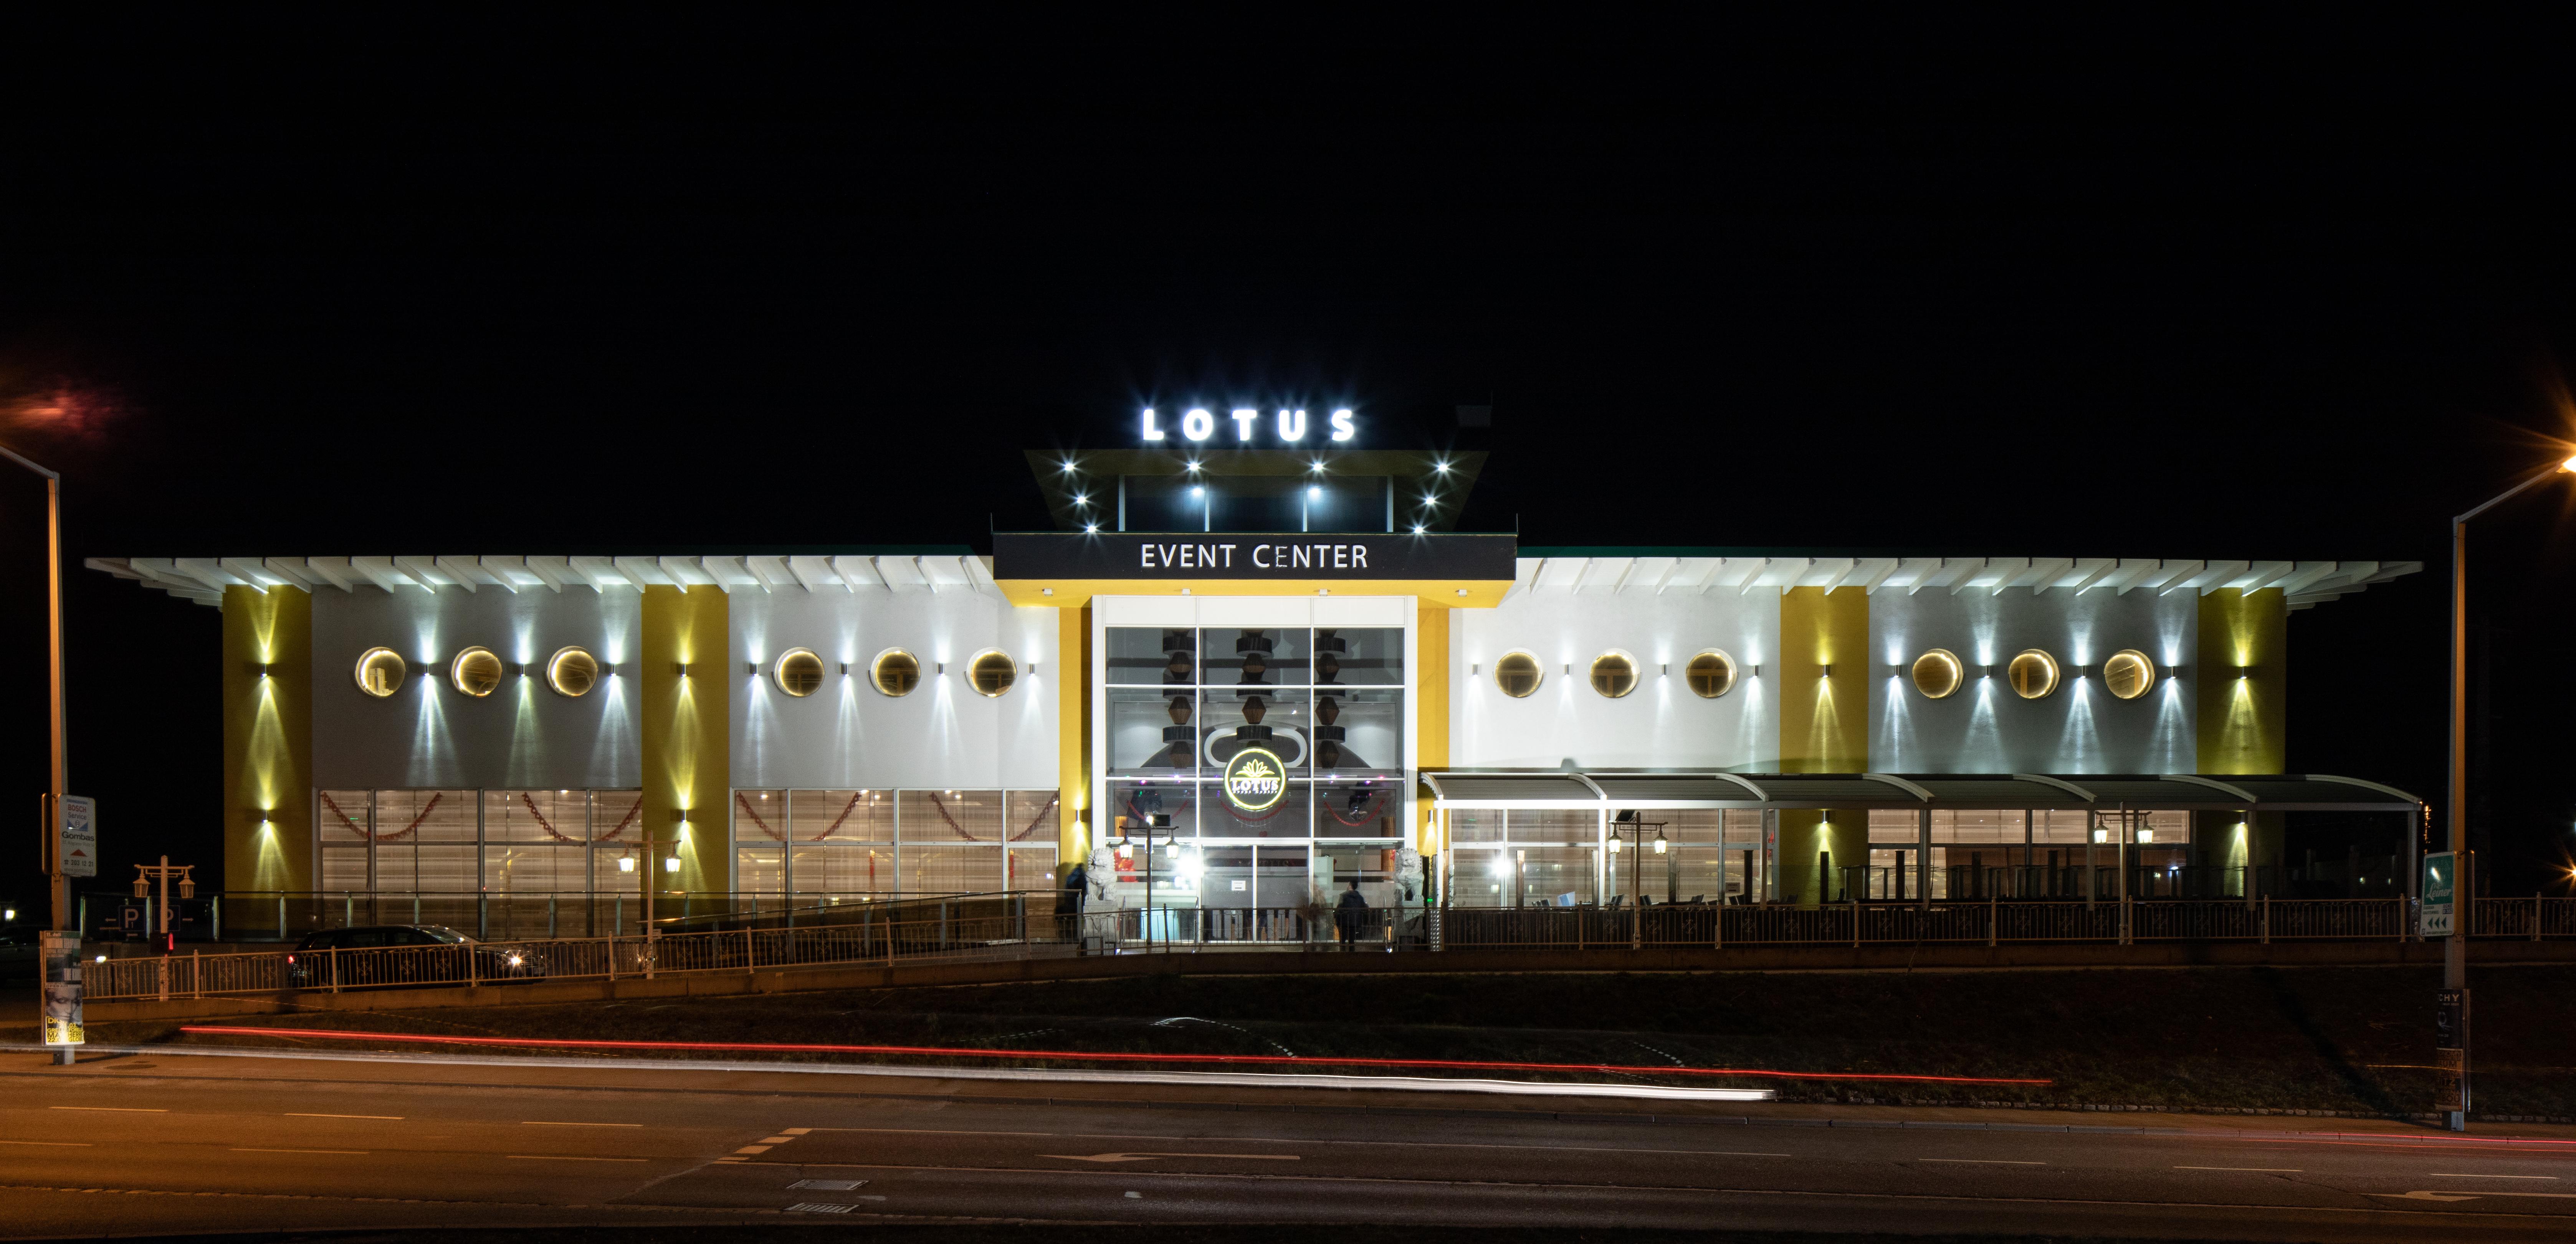 Lotus Event Center